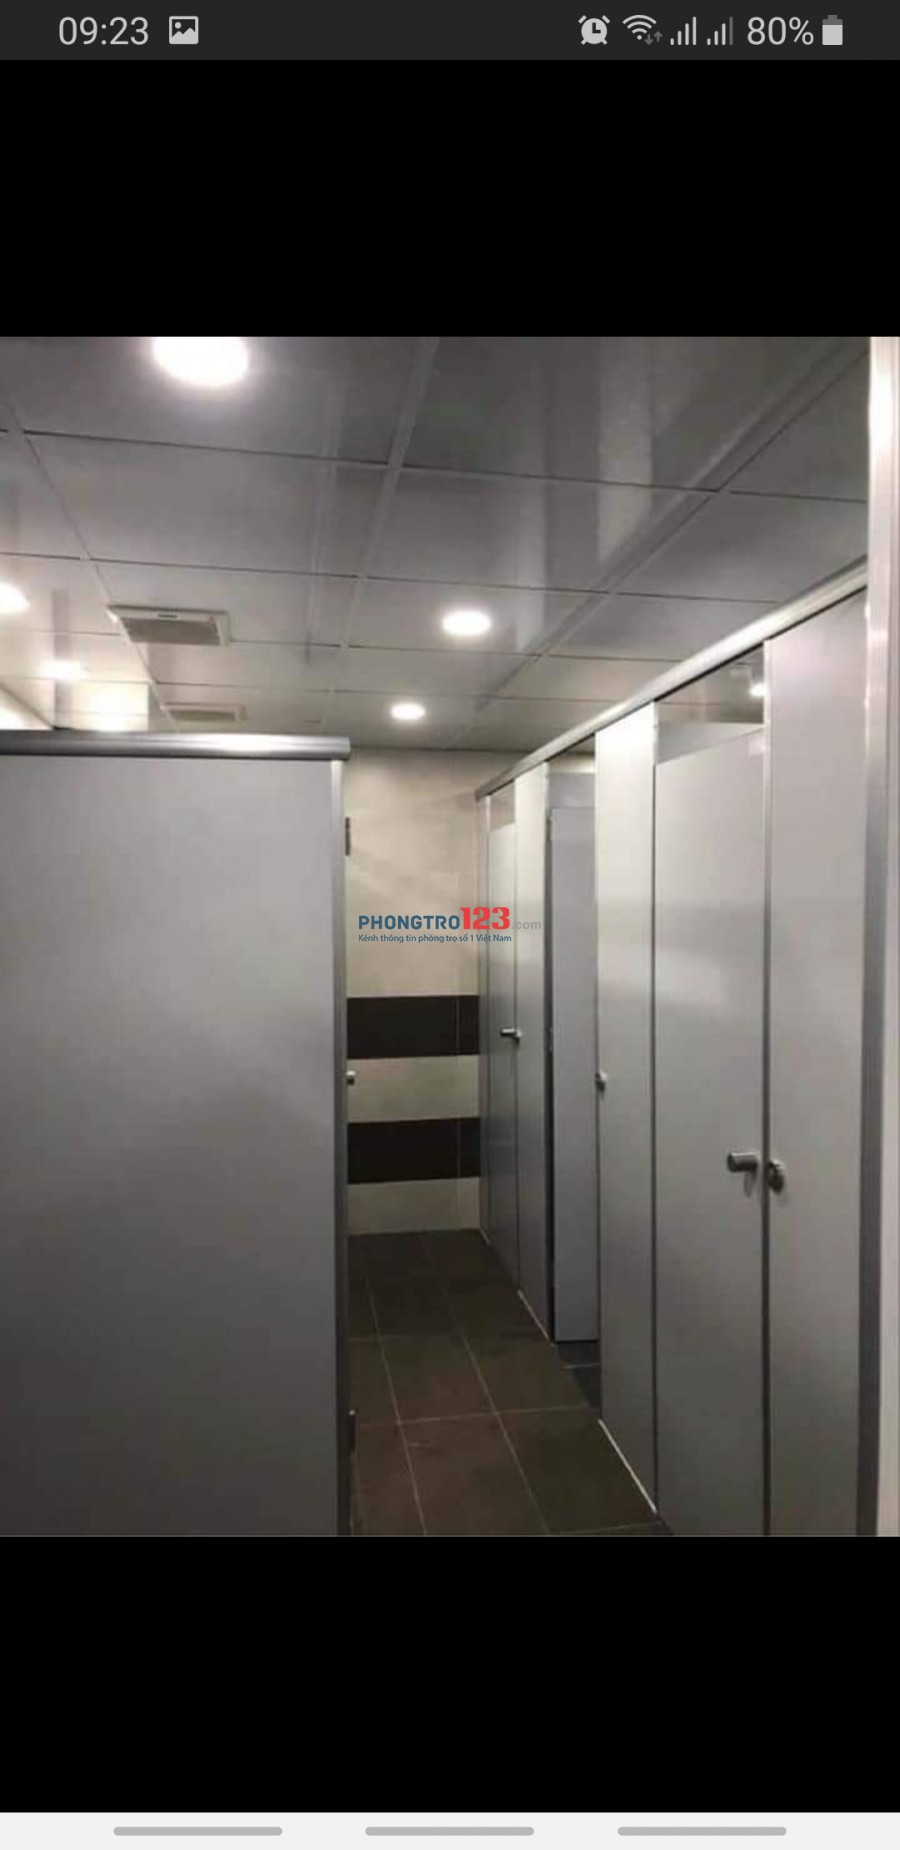 Cho thuê phòng trọ dạng sleepbox, 1.6tr/th, có khóa cửa riêng từng phòng, an ninh,riêng tư,bao đien